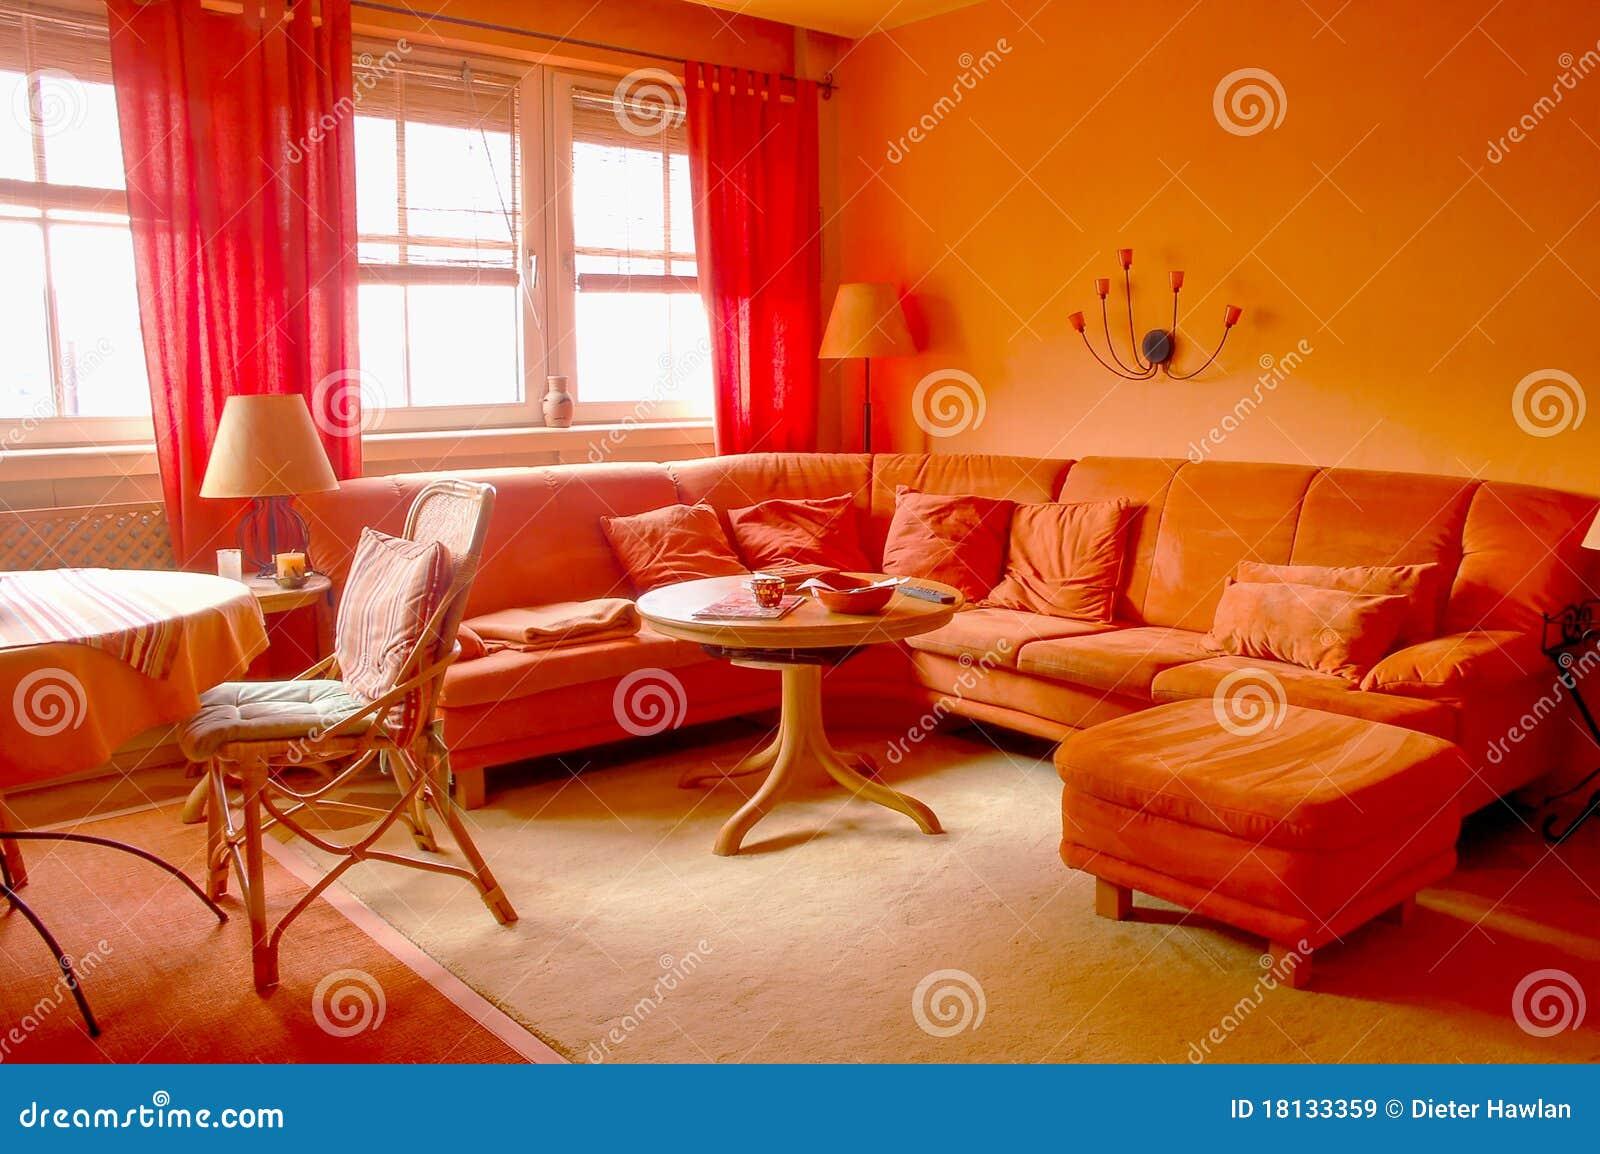 Orange Wohnzimmer stockbild. Bild von leer, lebensstil - 18133359